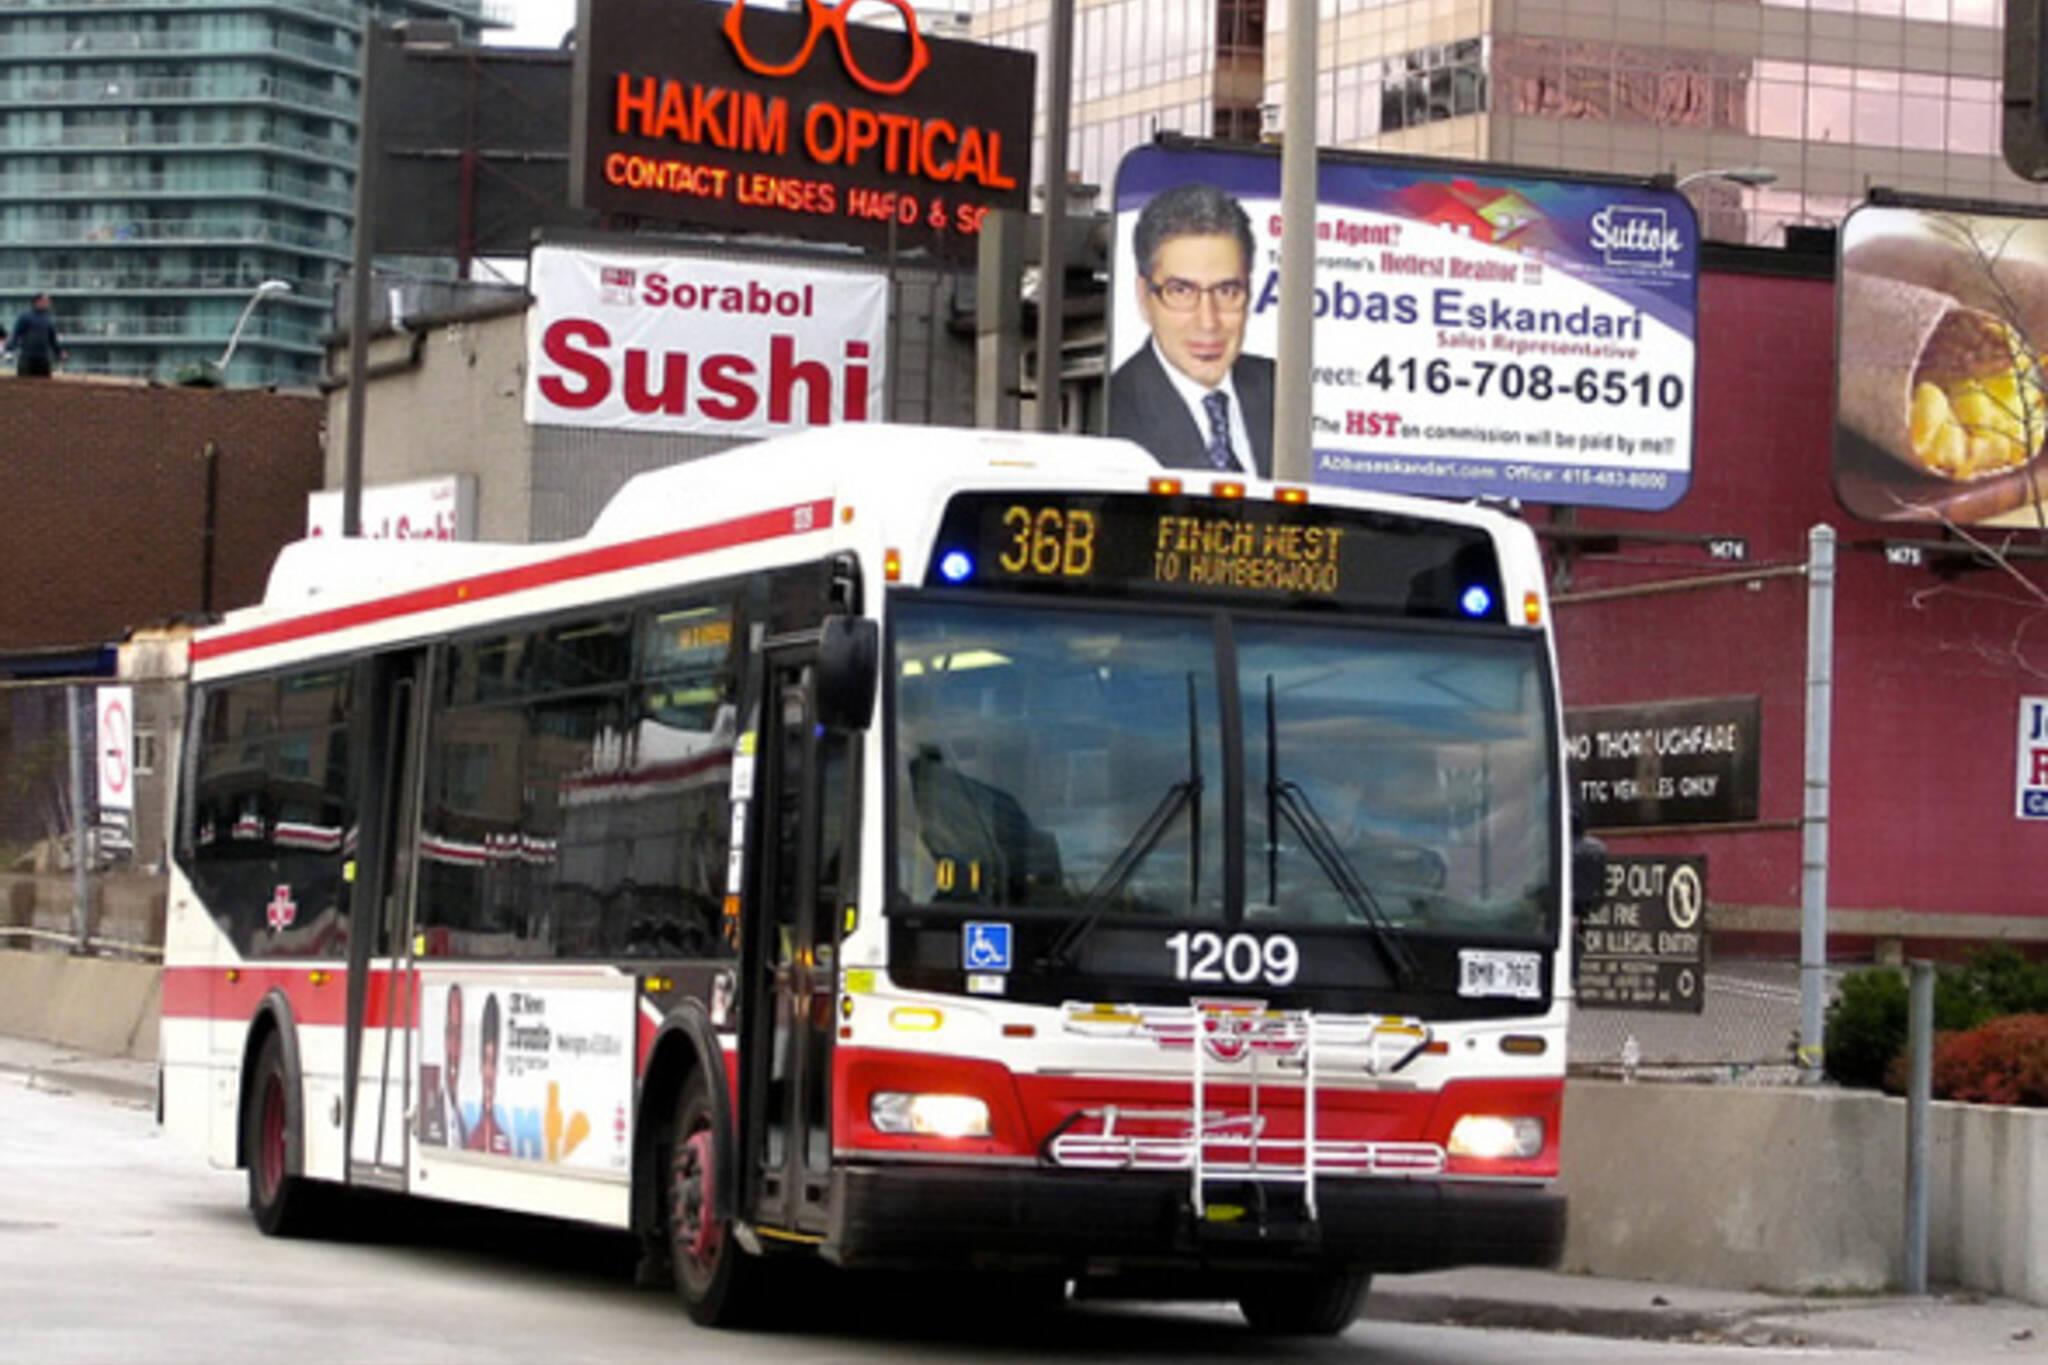 Finch Avenue West Bus Service